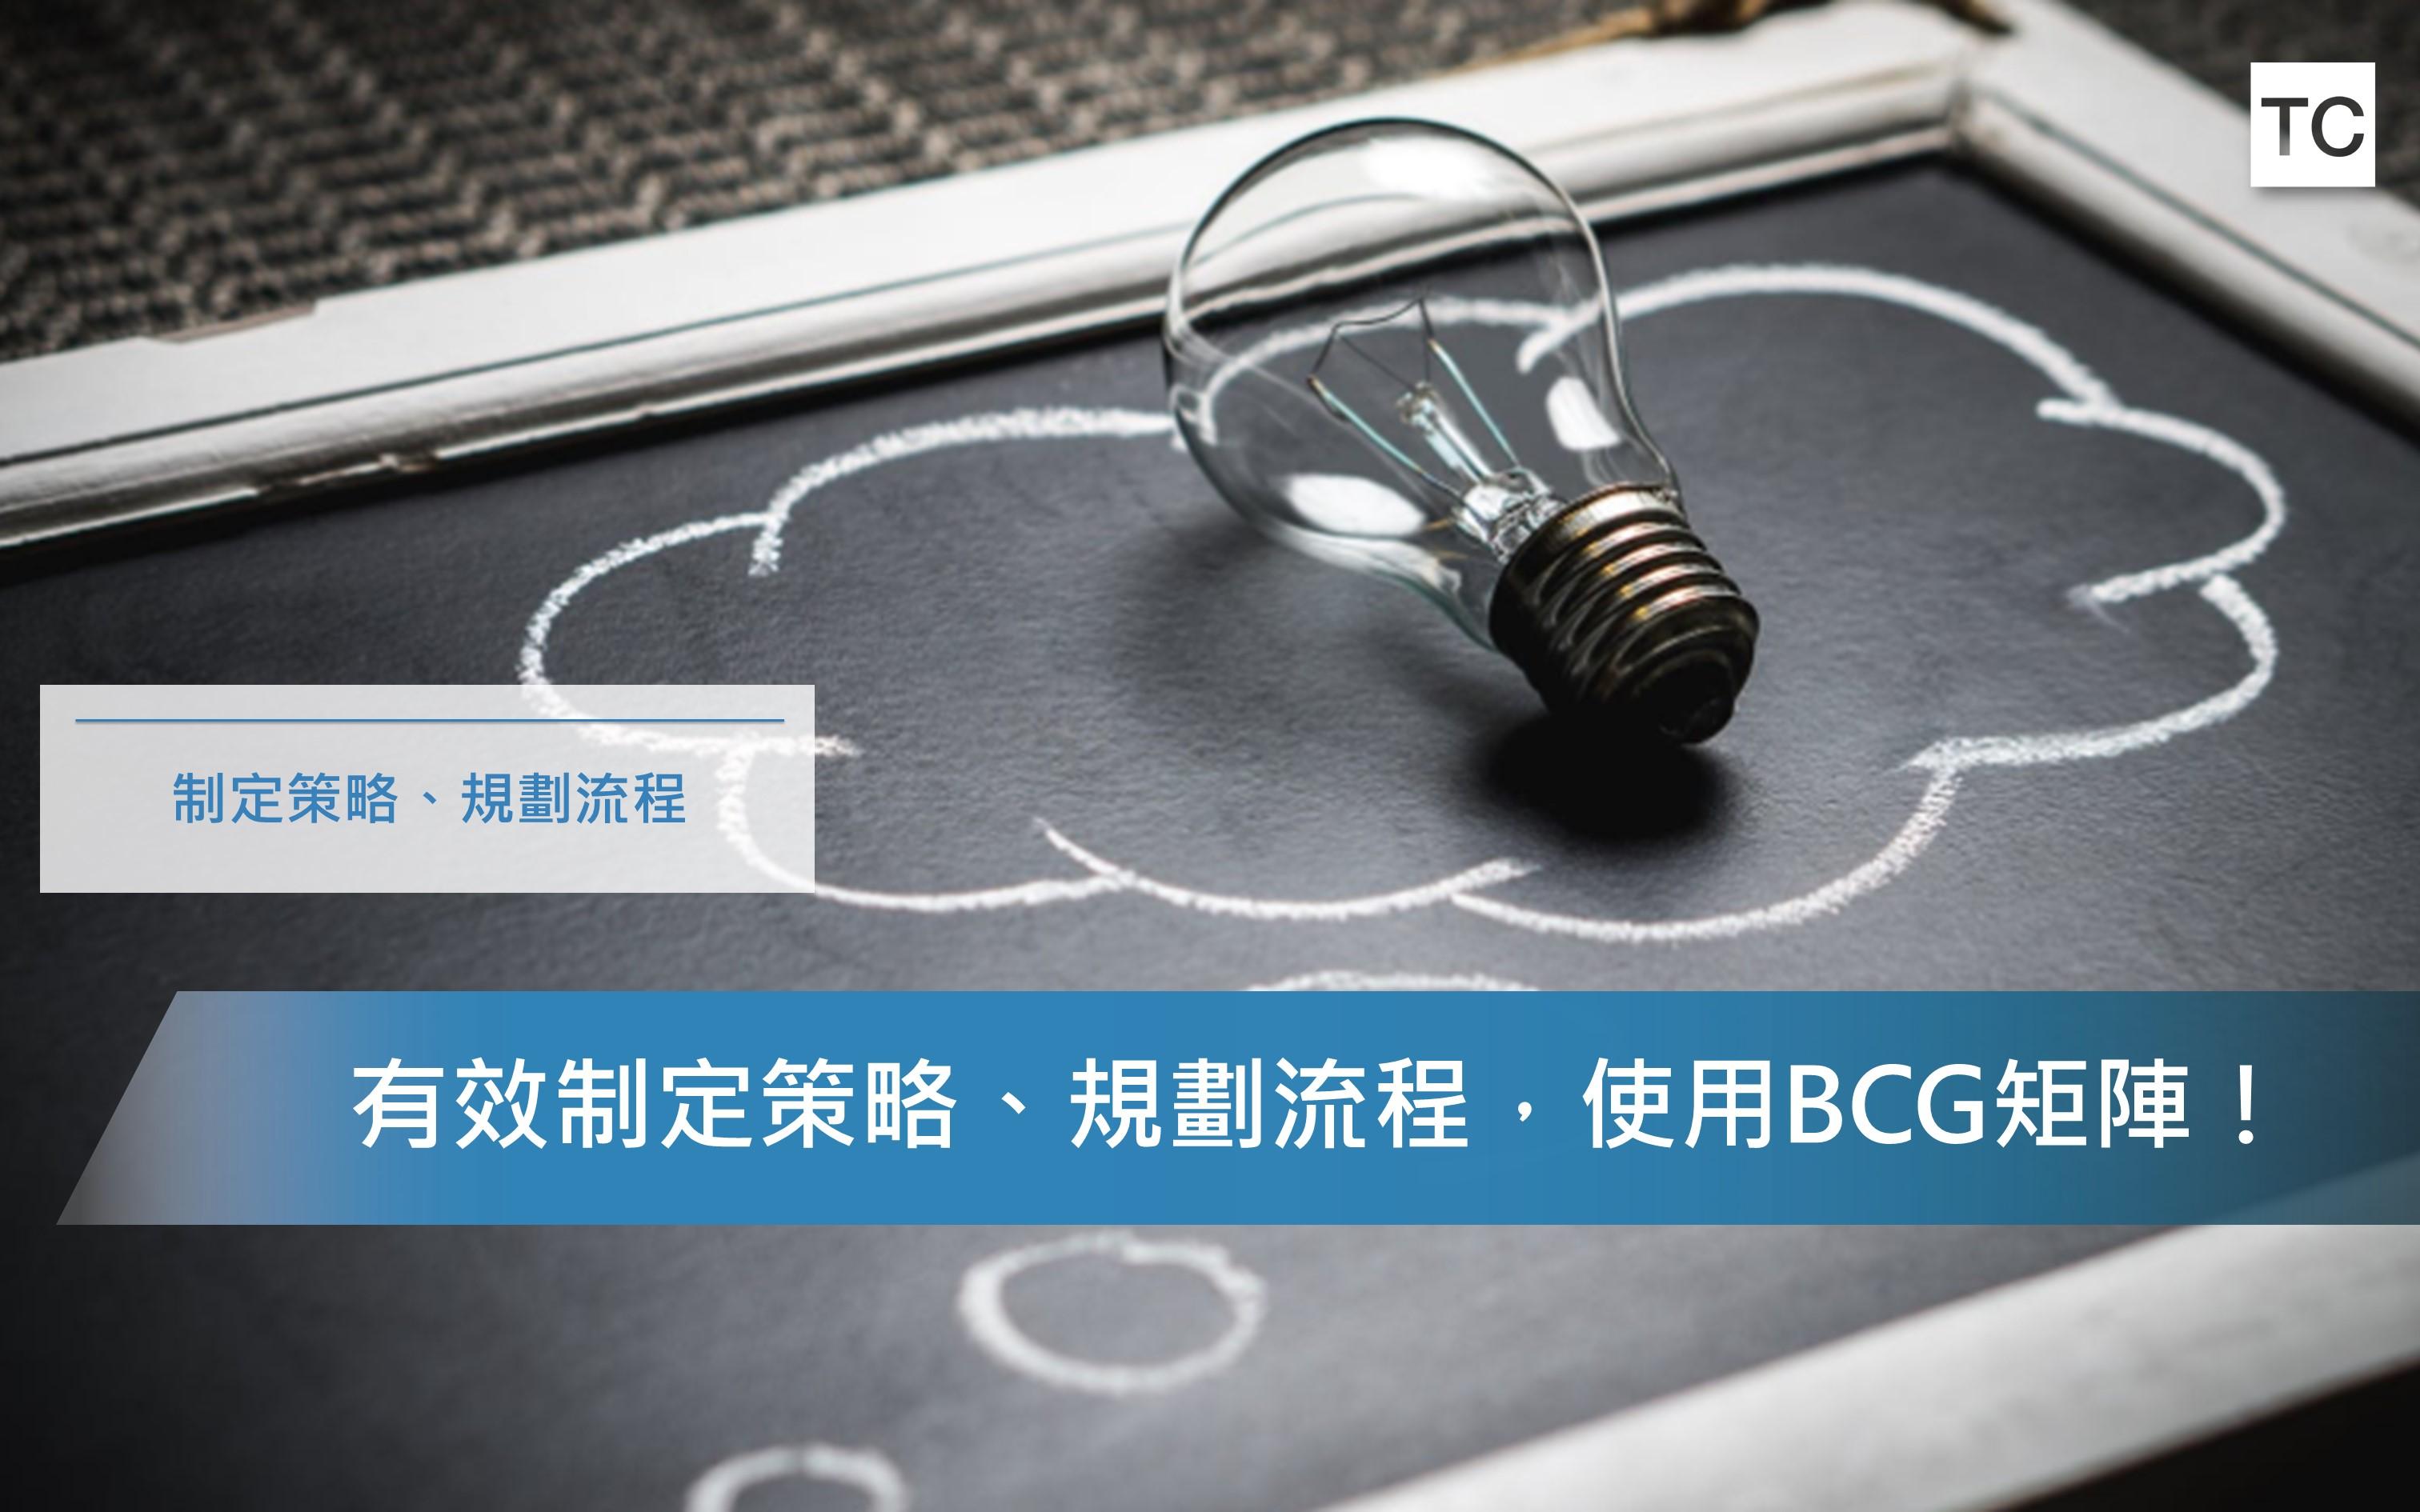 【專案企劃】學會使用BCG矩陣有效制定策略、規劃流程